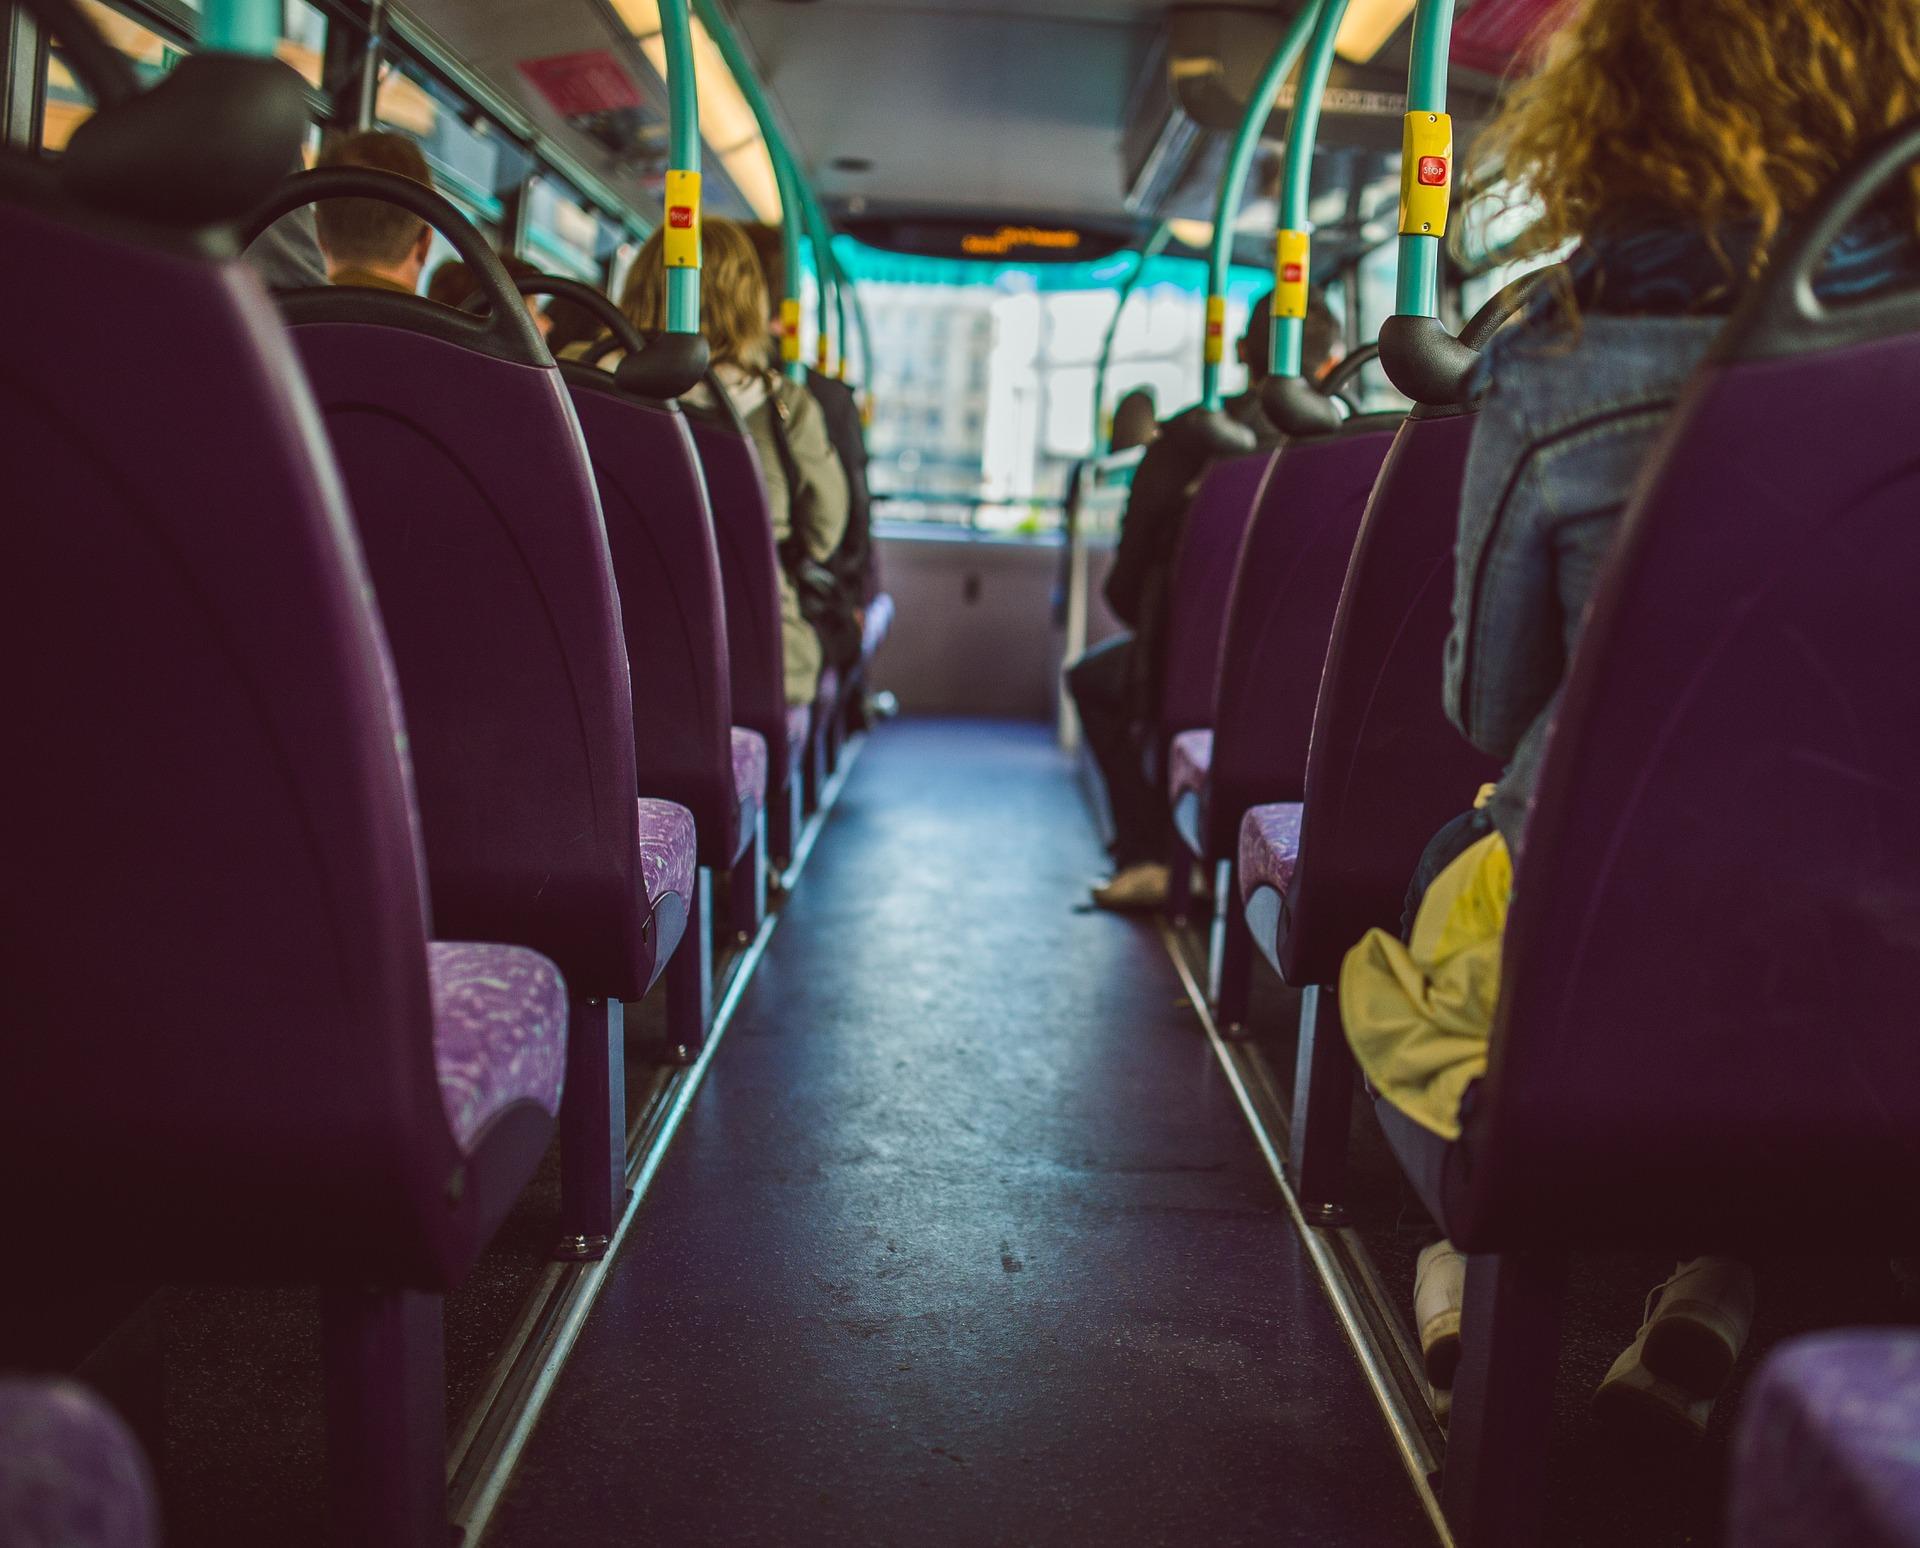 Kytajci testujuť bezpilotnyj elektryčnyj avtobus